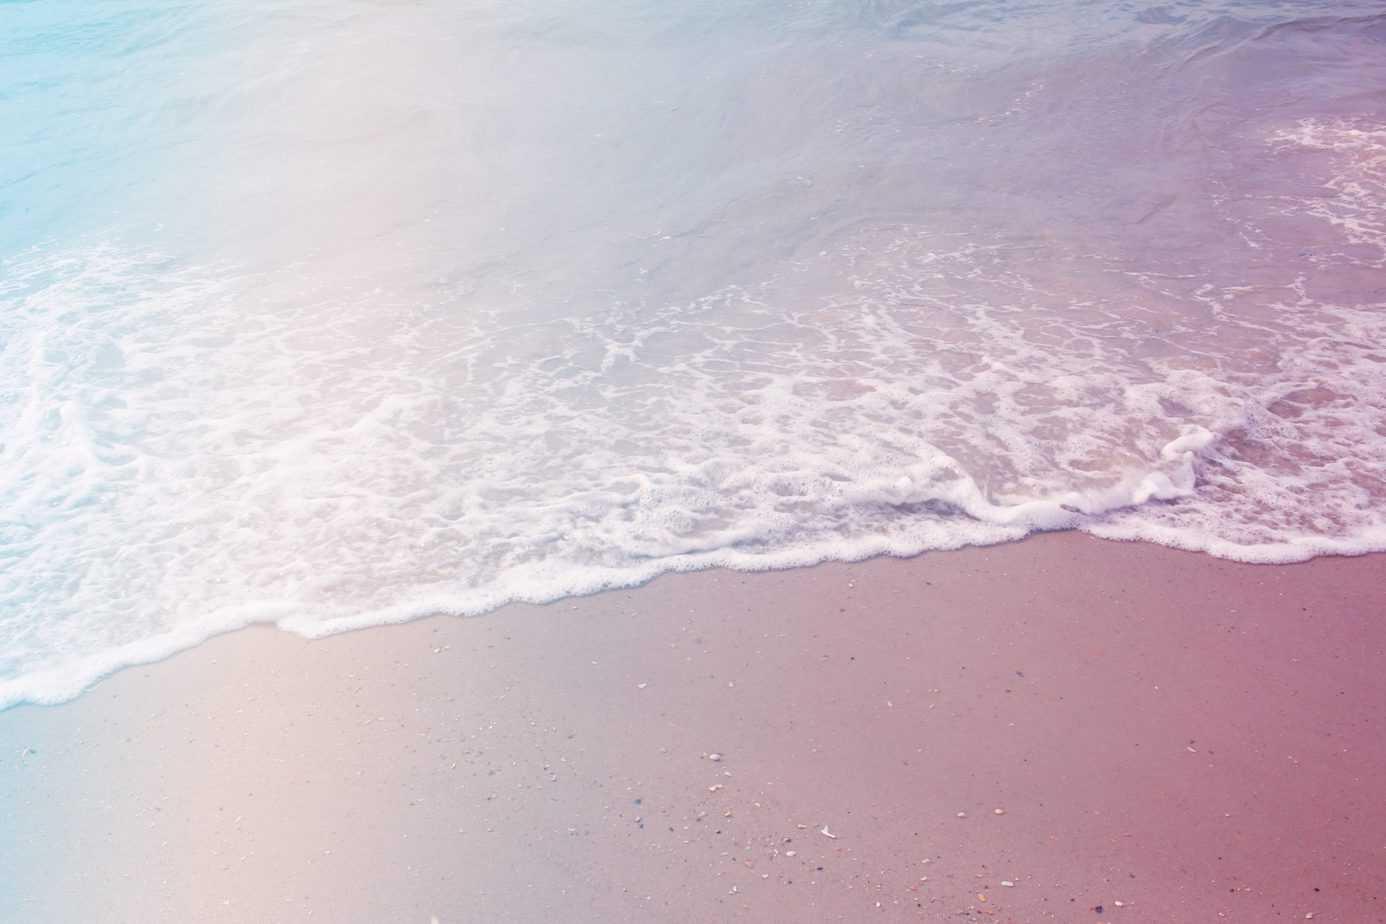 Entspannen beim leisen Rauschen des Meeres